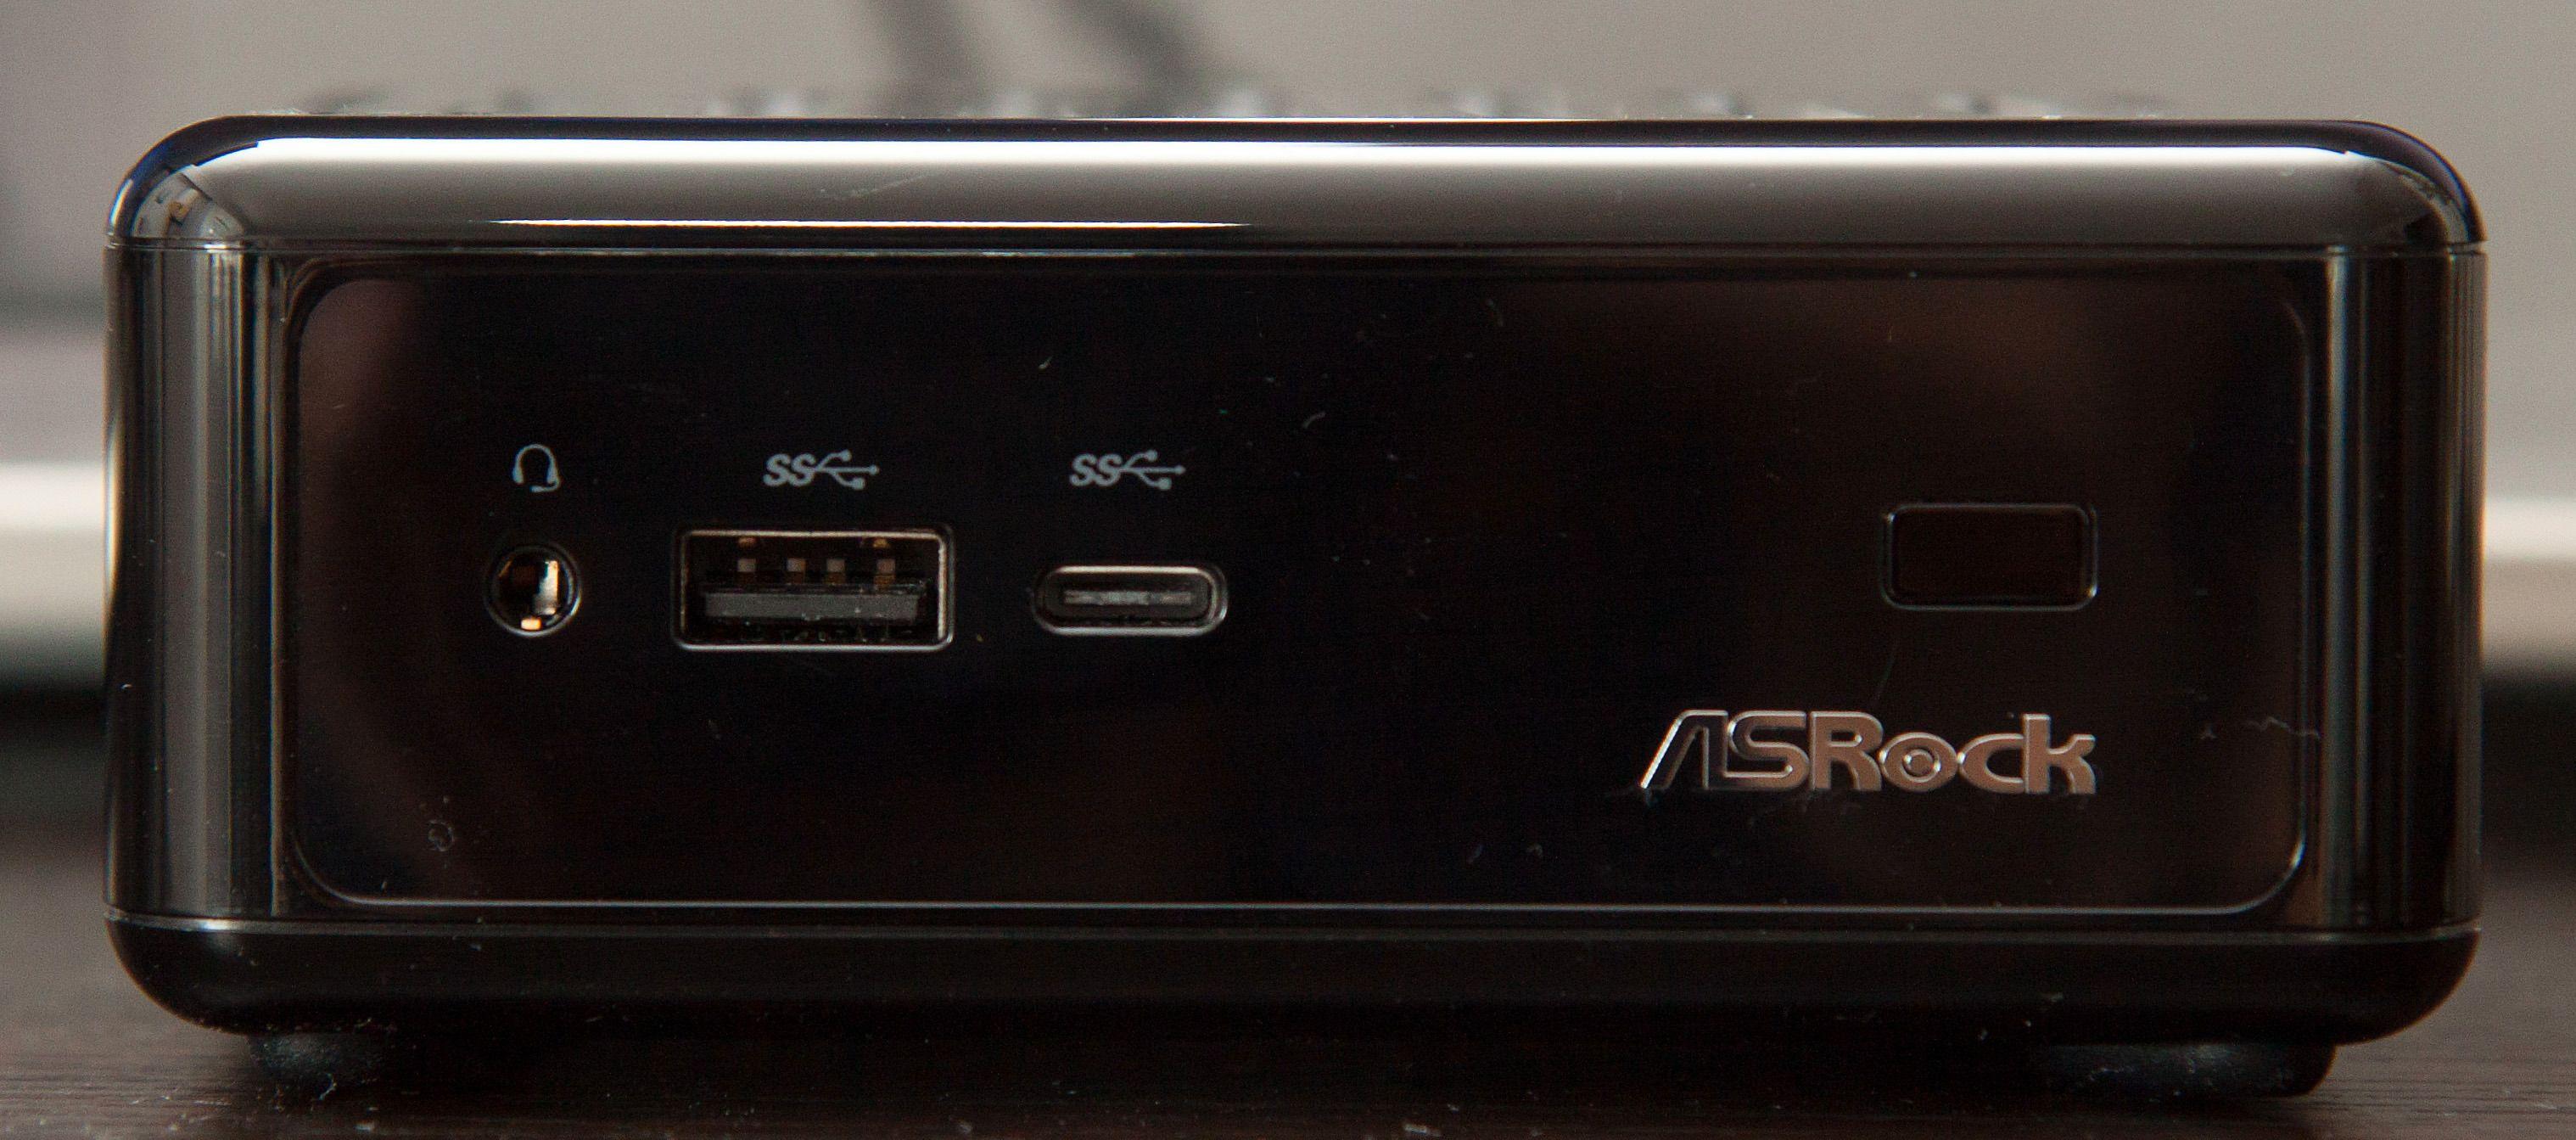 Foran er det både en vanlig USB 3.0-kontakt og en Type-C-kontakt. Foto: Kurt Lekanger, Tek.no